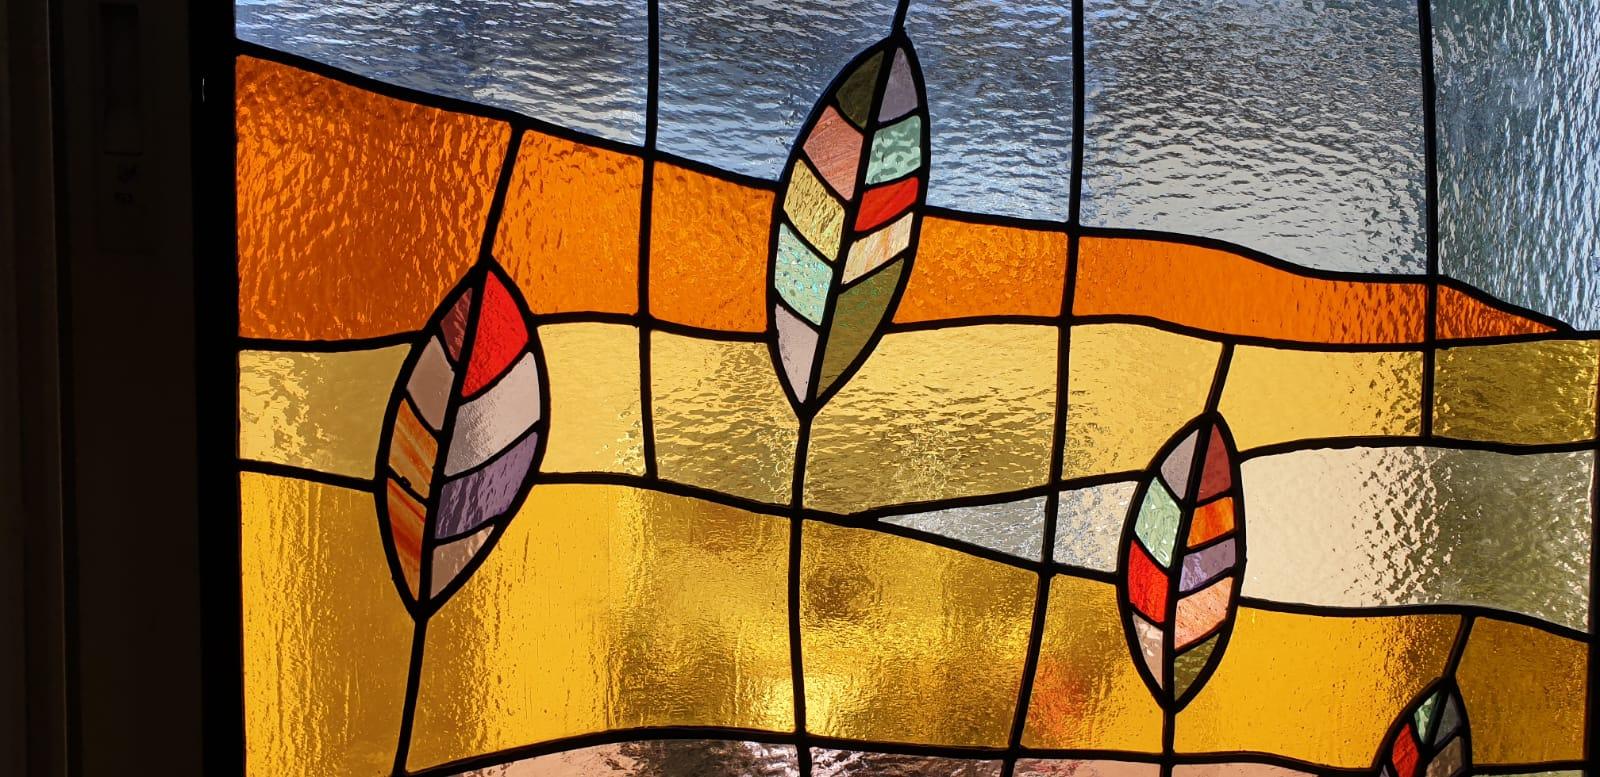 פרט מתוך חלונות מעוצבים בויטראז